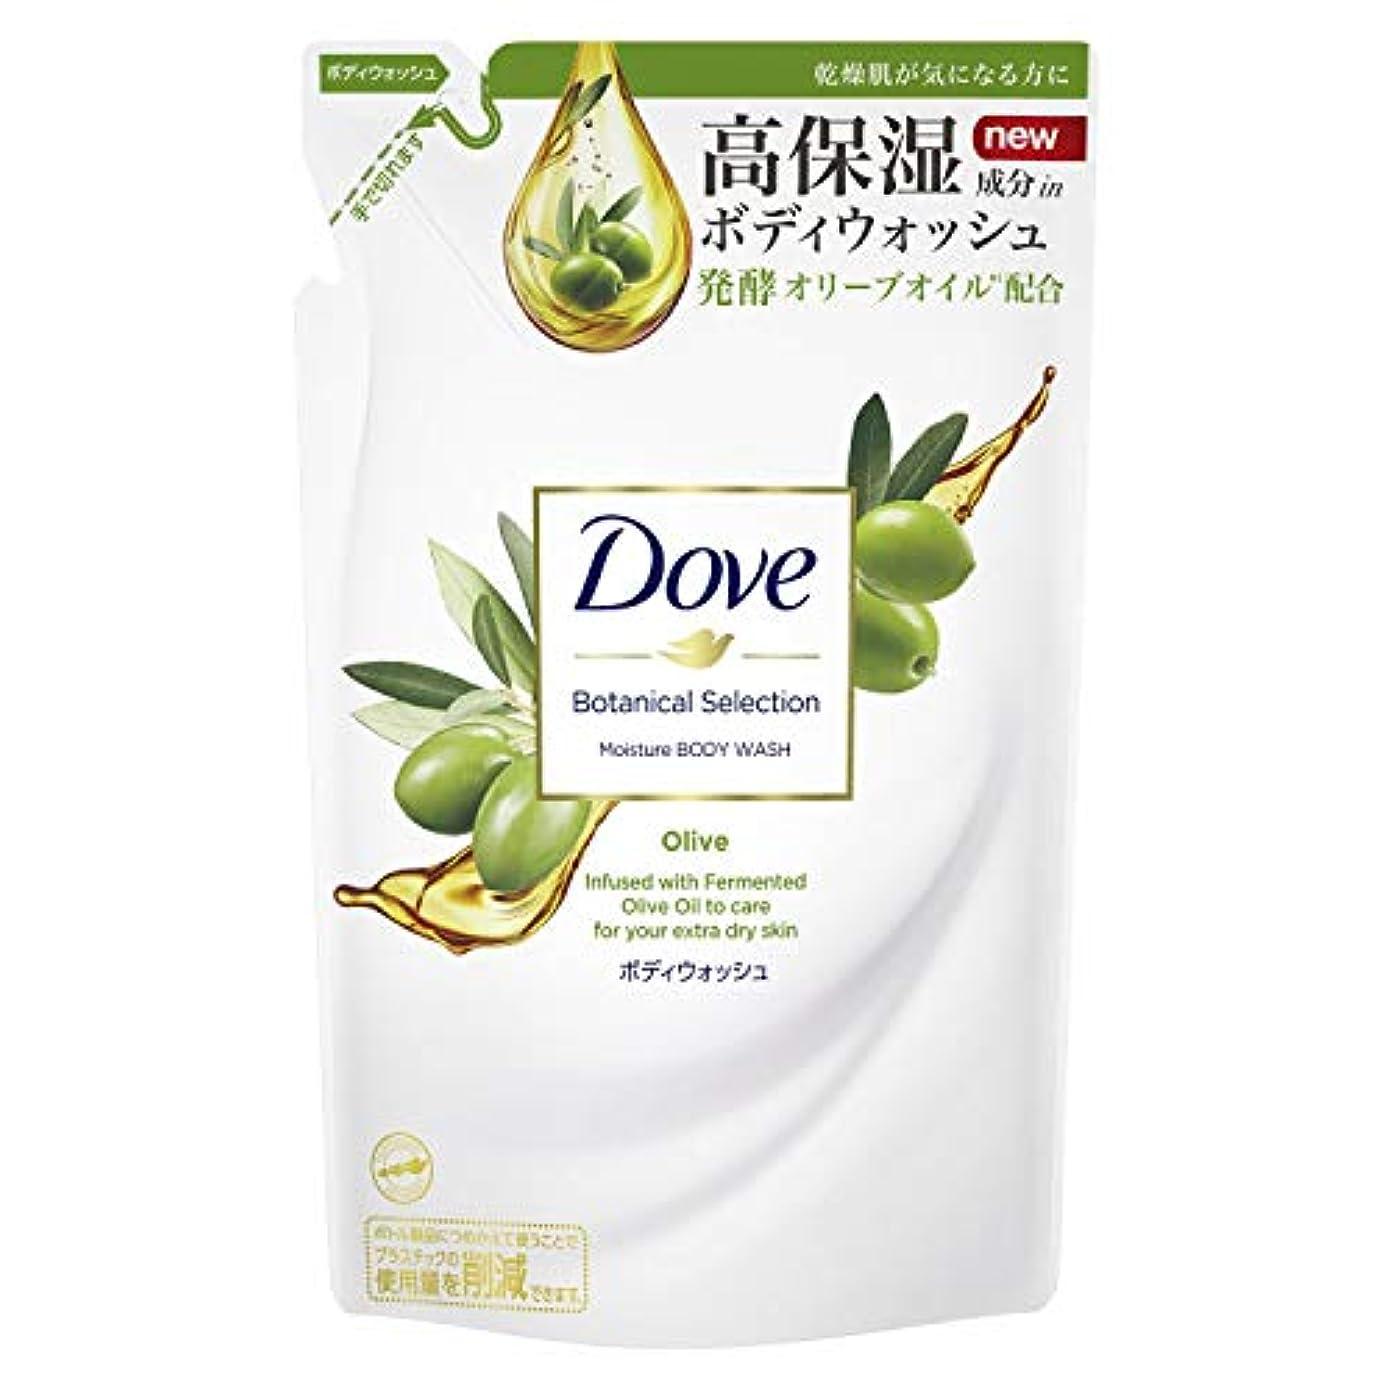 にんじん子犬衣類Dove(ダヴ) ダヴ ボディウォッシュ ボタニカルセレクション オリーブ つめかえ用 360g ボディソープ